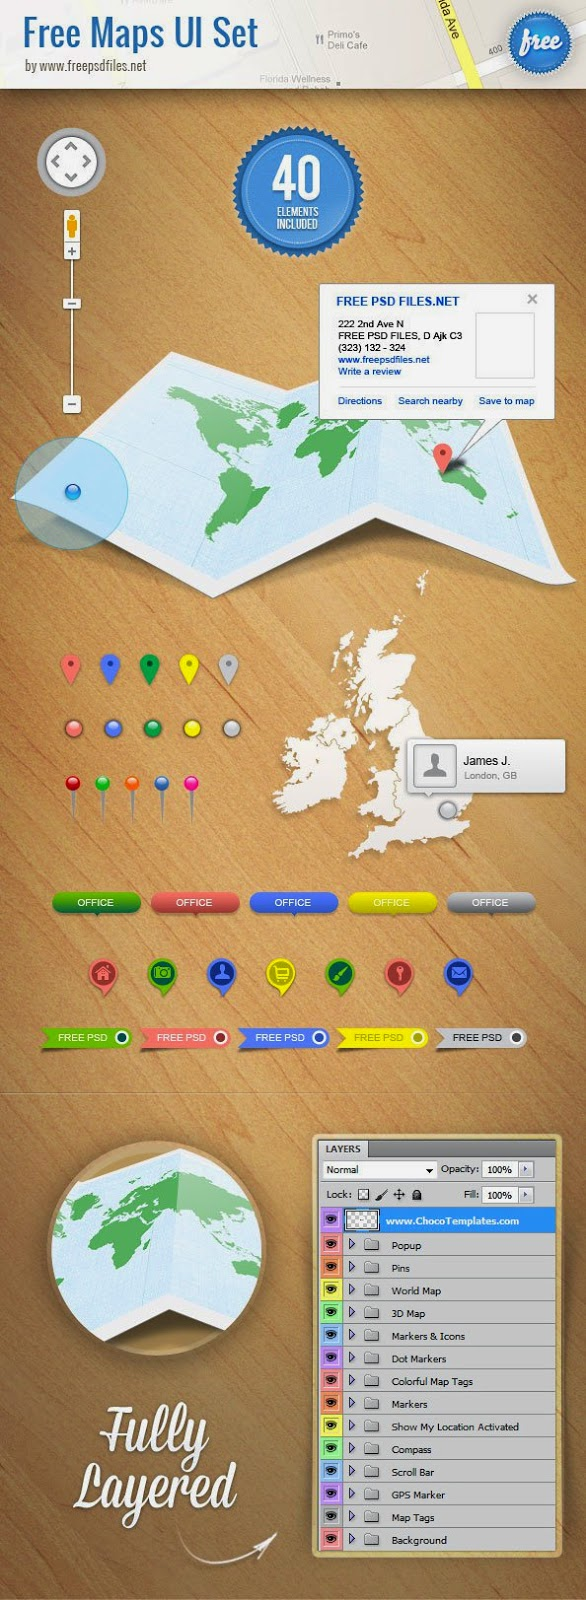 Maps UI Set PSD